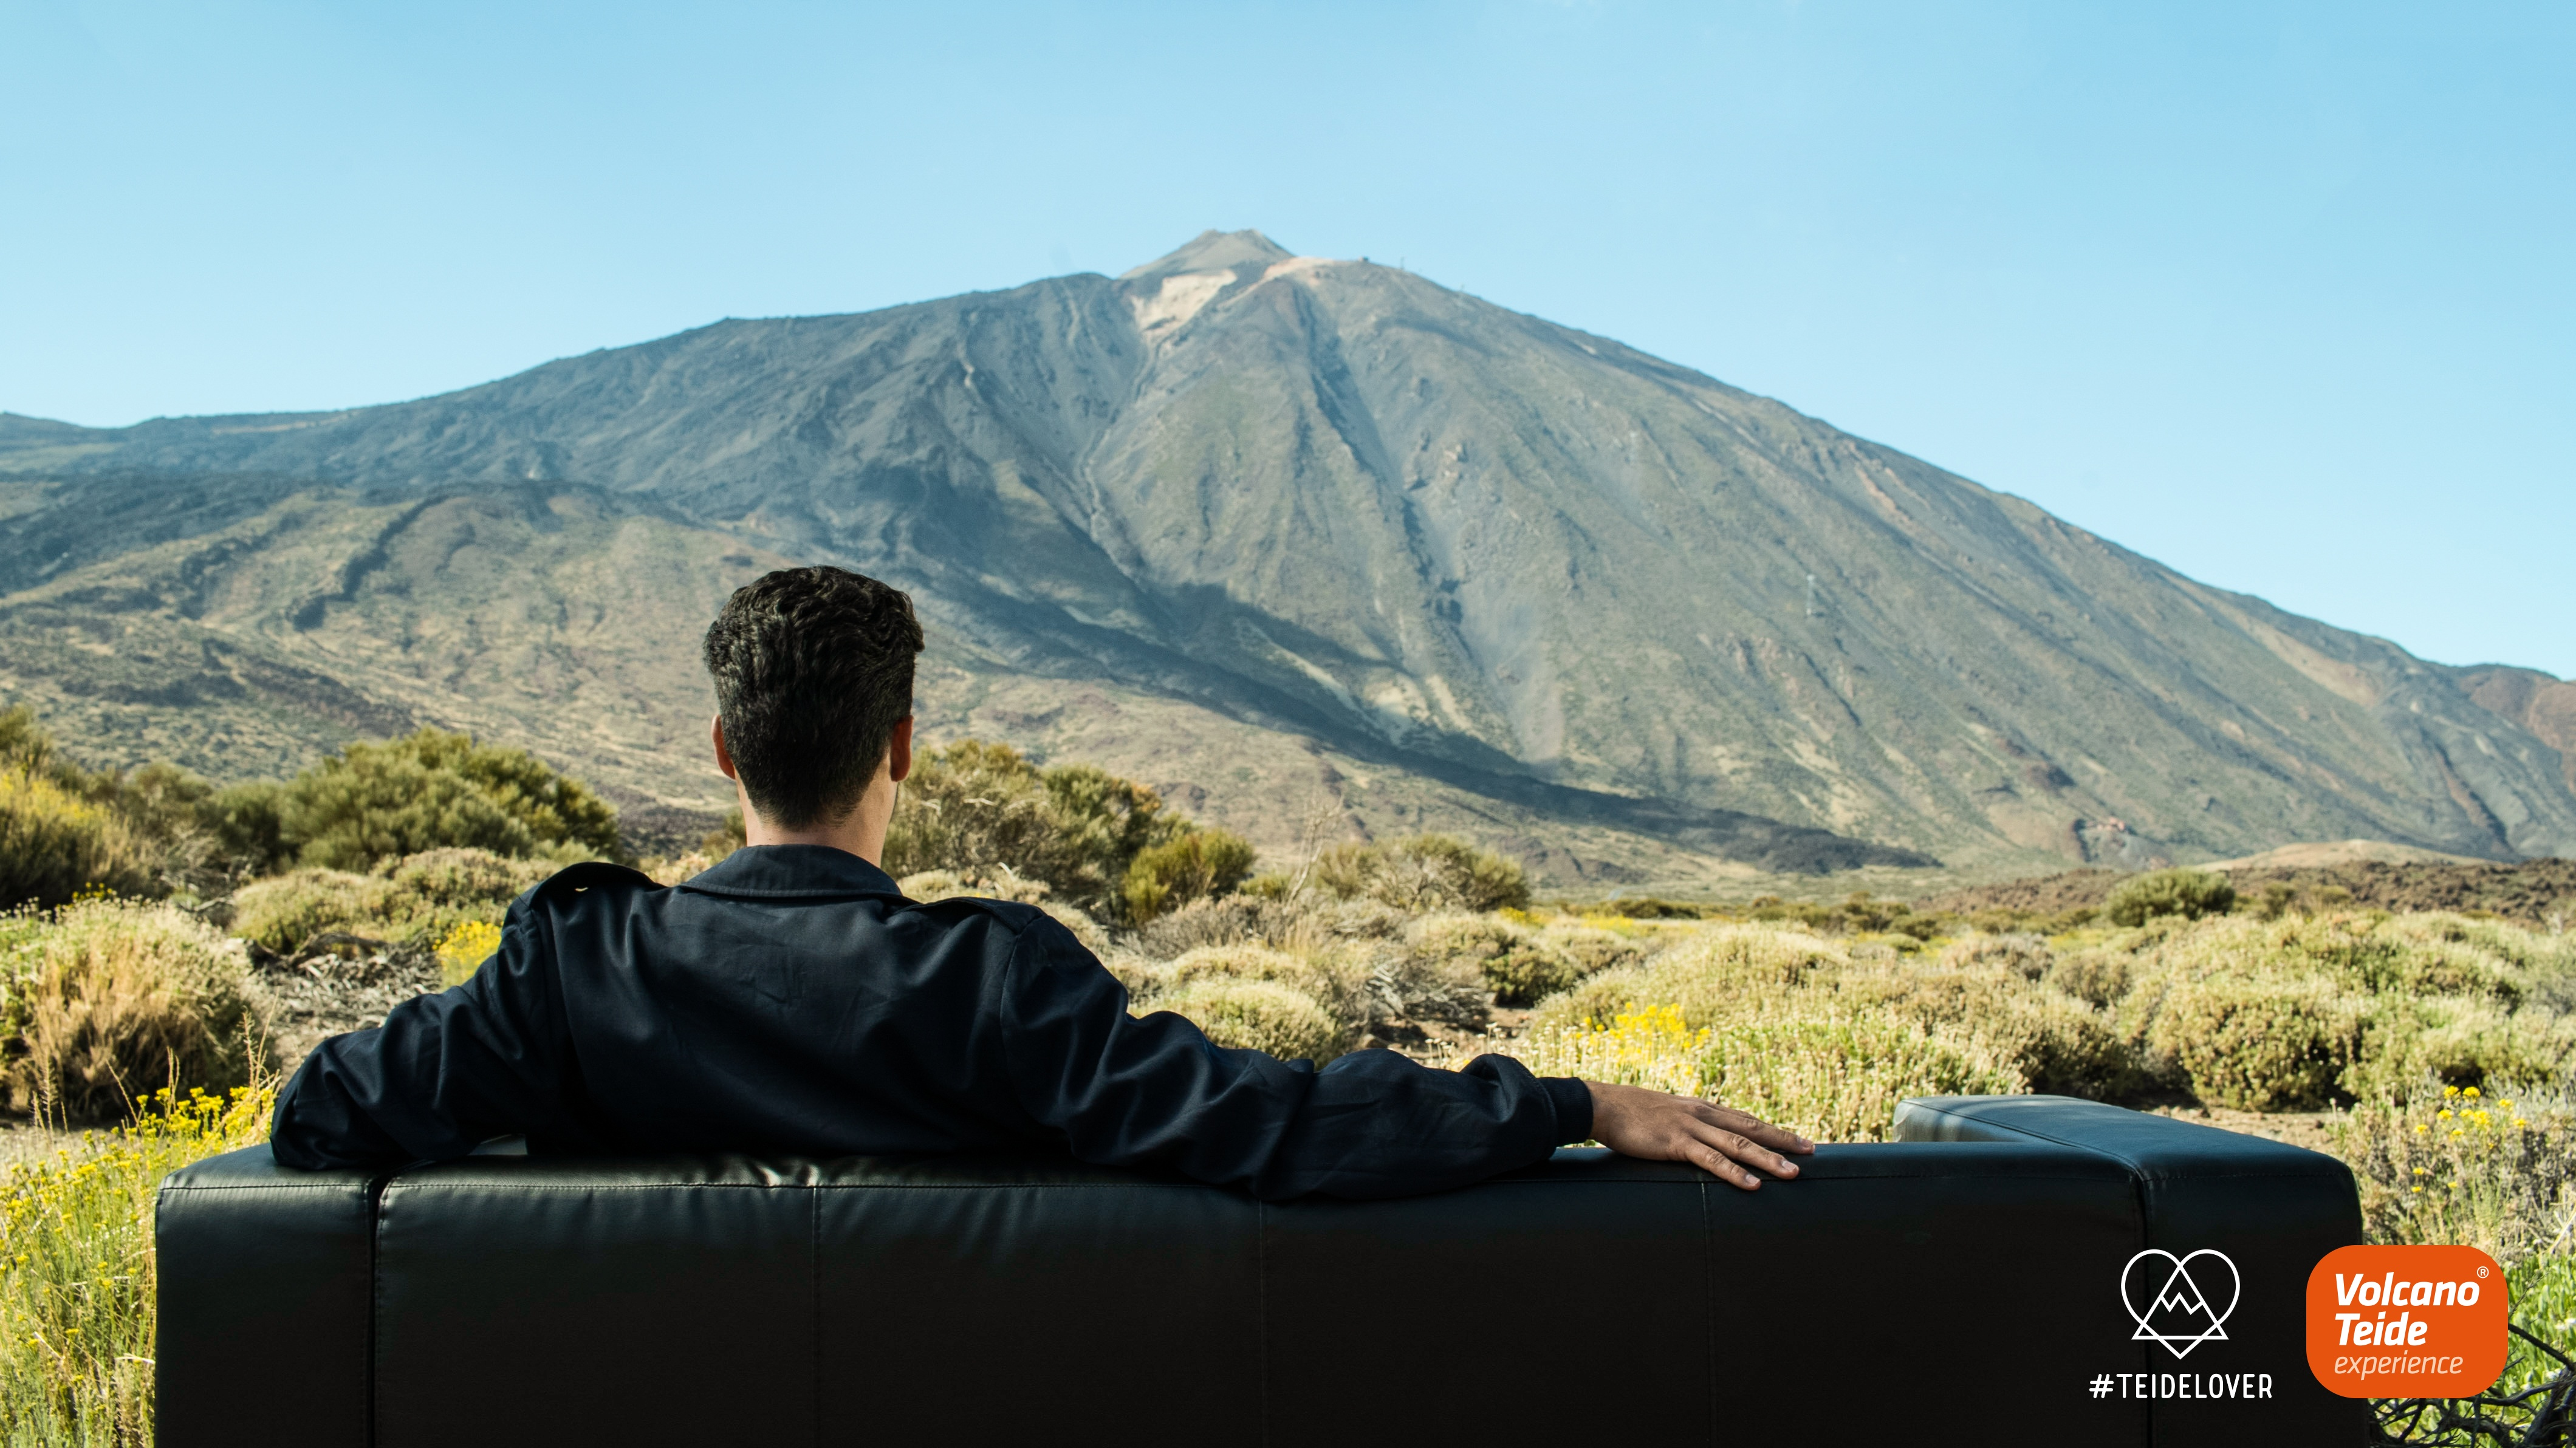 Qué hacer en el Teide: calendario semanal de actividades y excursiones